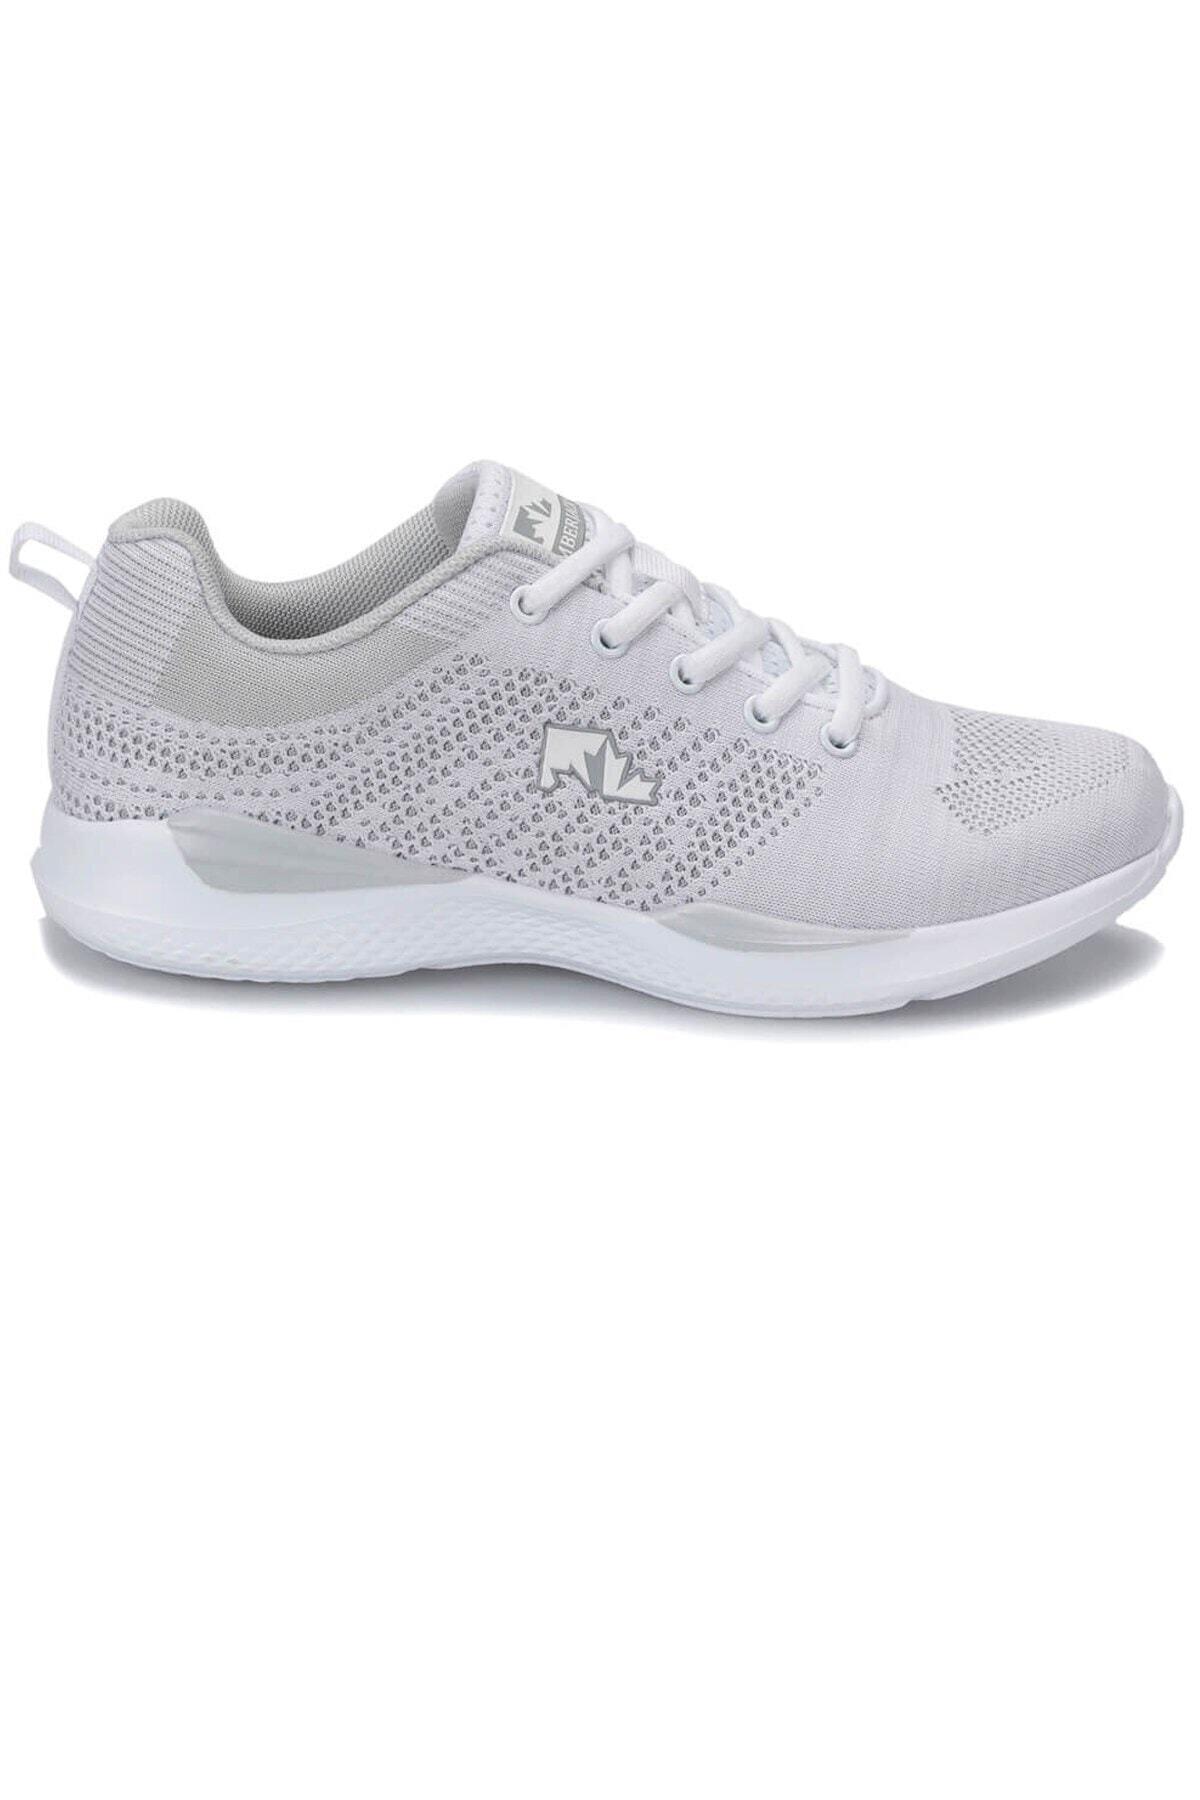 lumberjack Kadın Sneakers Ayakkabı Wolky 2